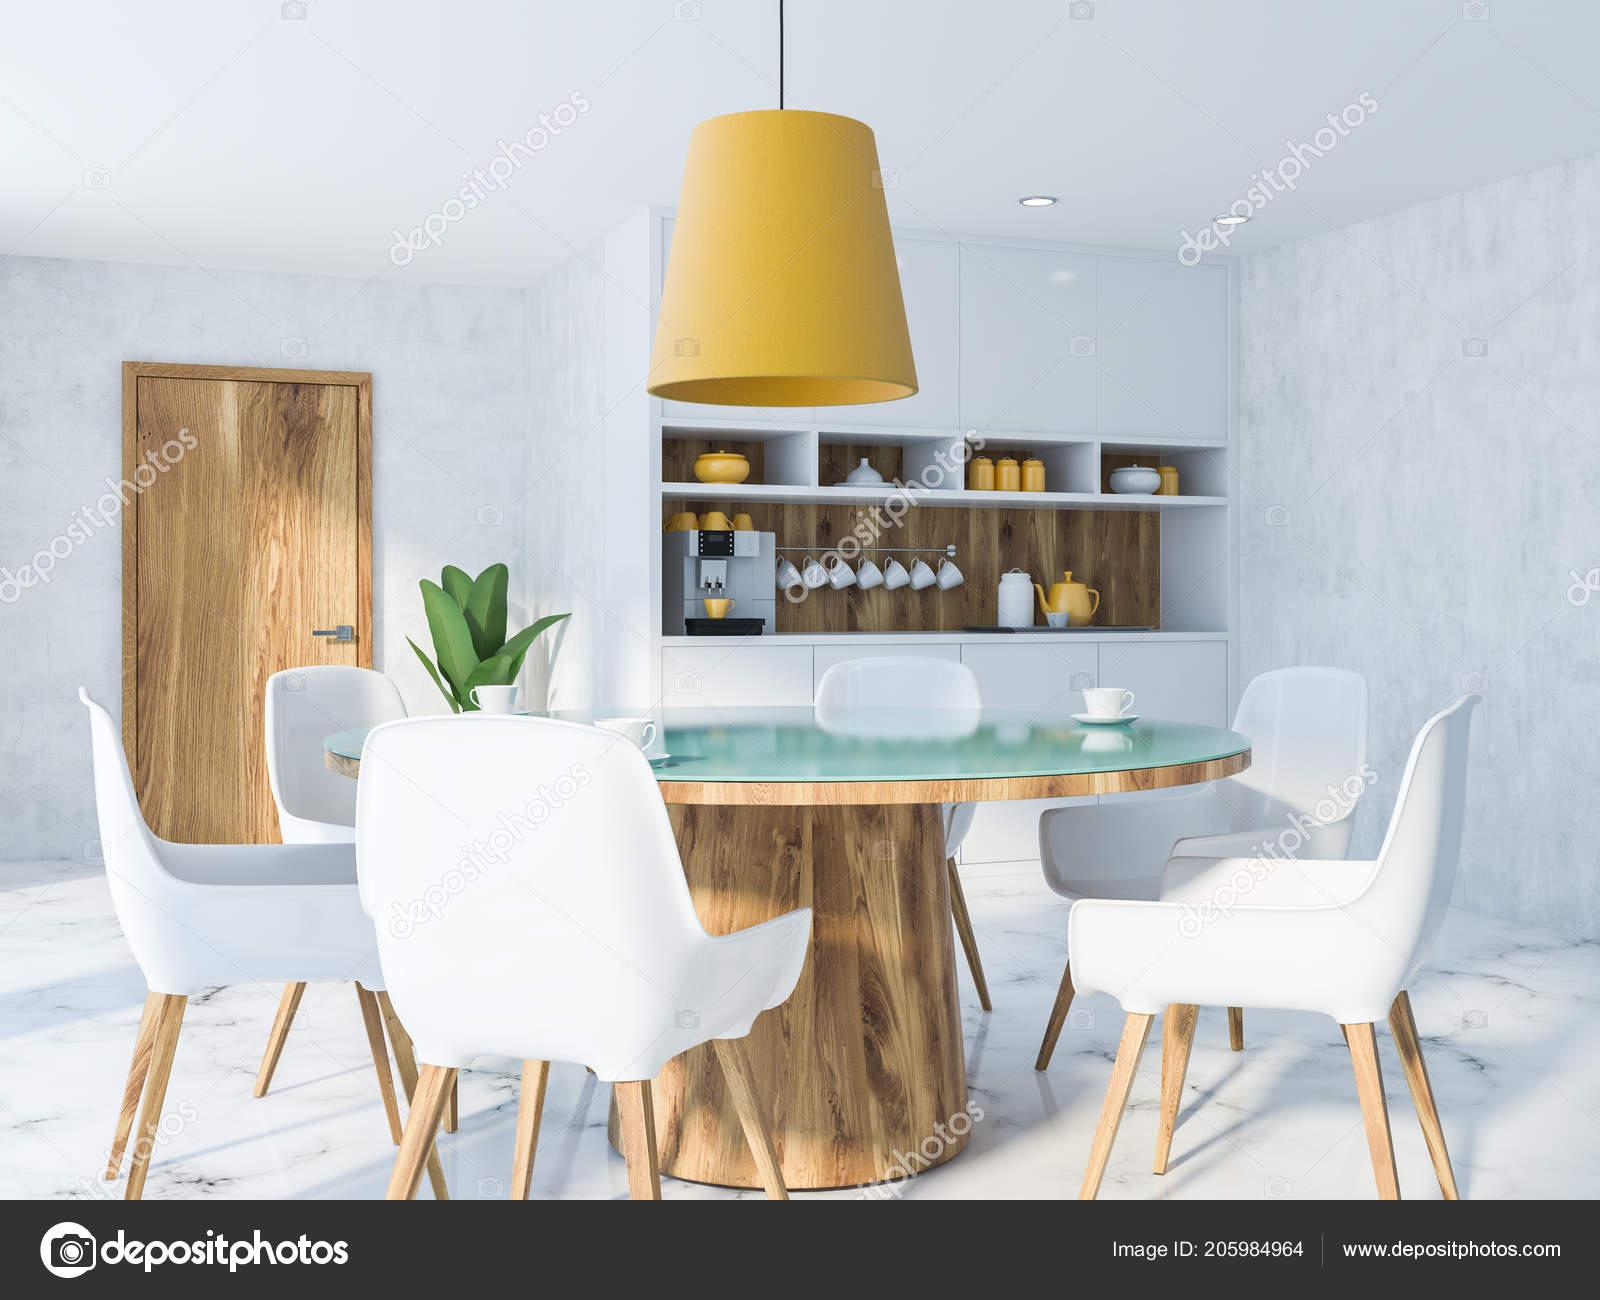 Gezellige keuken interieur met een houten tafel witte stoelen houten